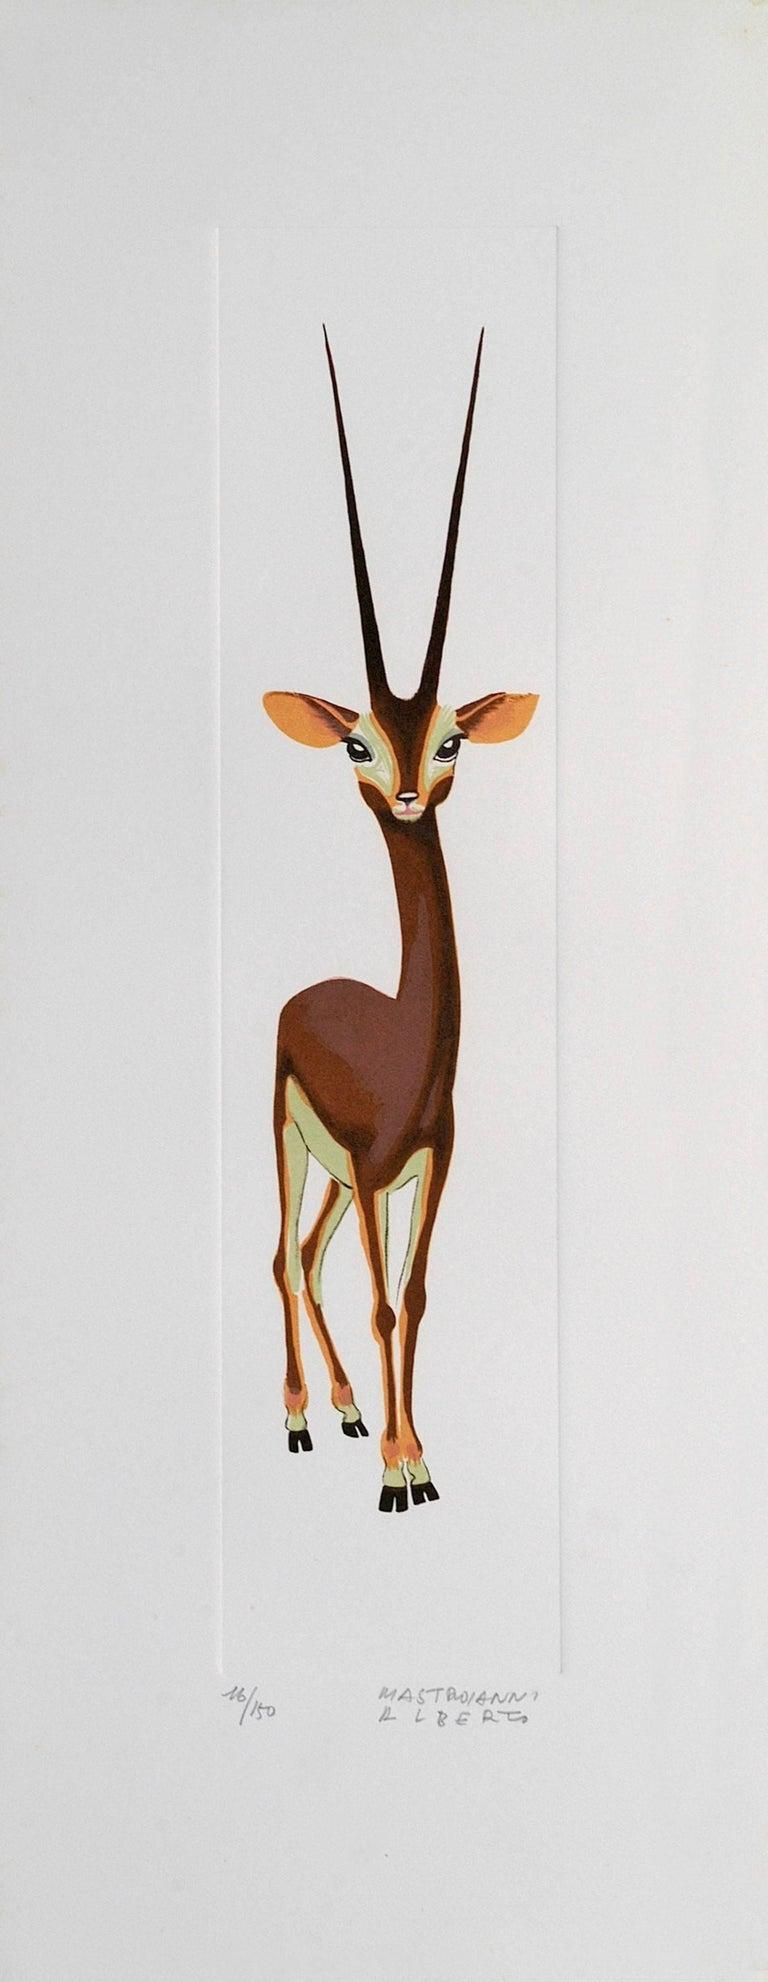 Alberto Mastroianni Animal Print - Gazelle - Original Lithograph by A. Mastroianni - 1970s